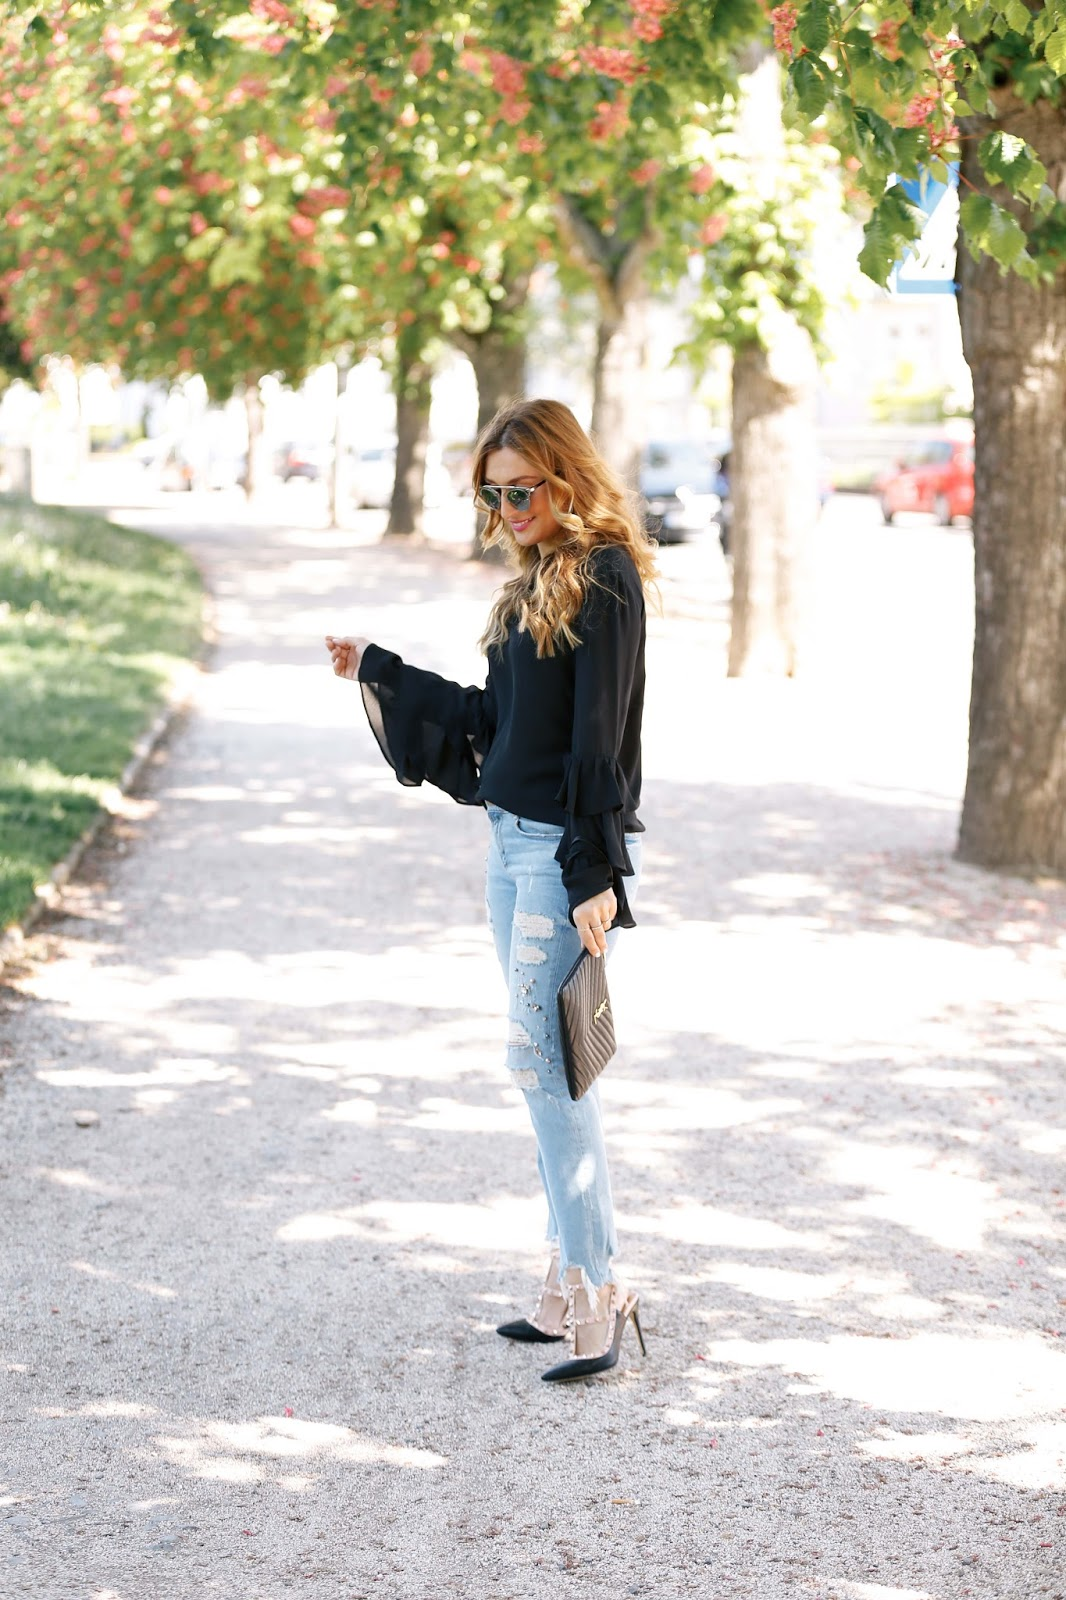 schwarze-volant Bluse-blogger-us-deutschland-deutsche-fashionblogger-valentino-rockstud-lookalike-ivyrevel-bluse-fashionstylebyjohanna